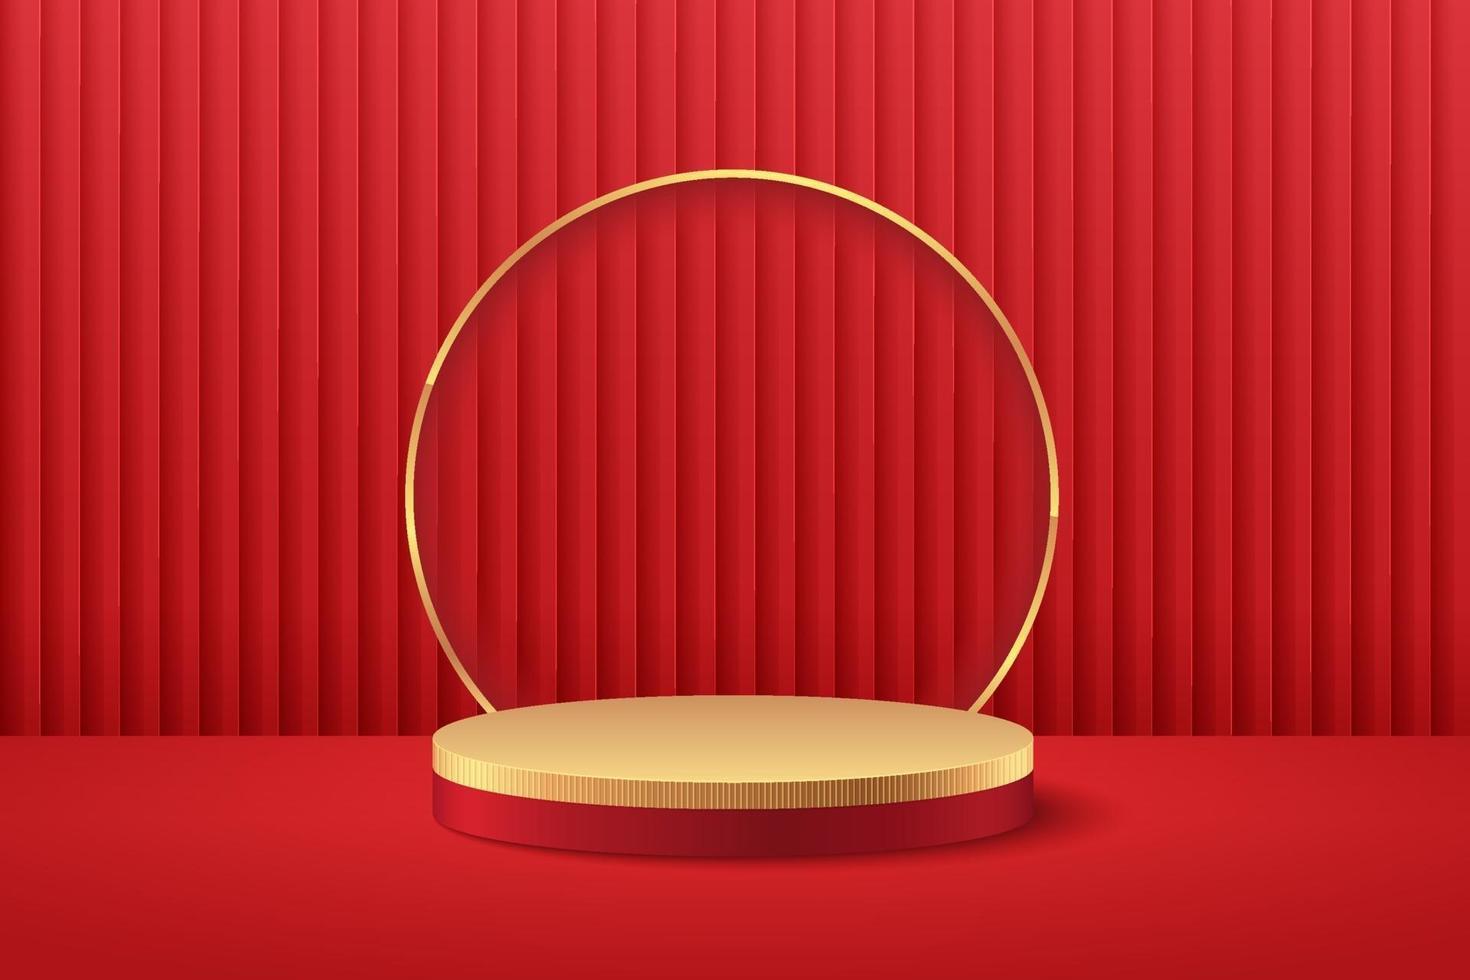 abstrakte runde Anzeige für Produkt auf Website in modernem Design. Hintergrund-Rendering mit Podium und minimaler roter Vorhangbeschaffenheit Wandszene, 3D-Rendering geometrische Form rot und goldene Farbe. orientalisches Konzept. vektor